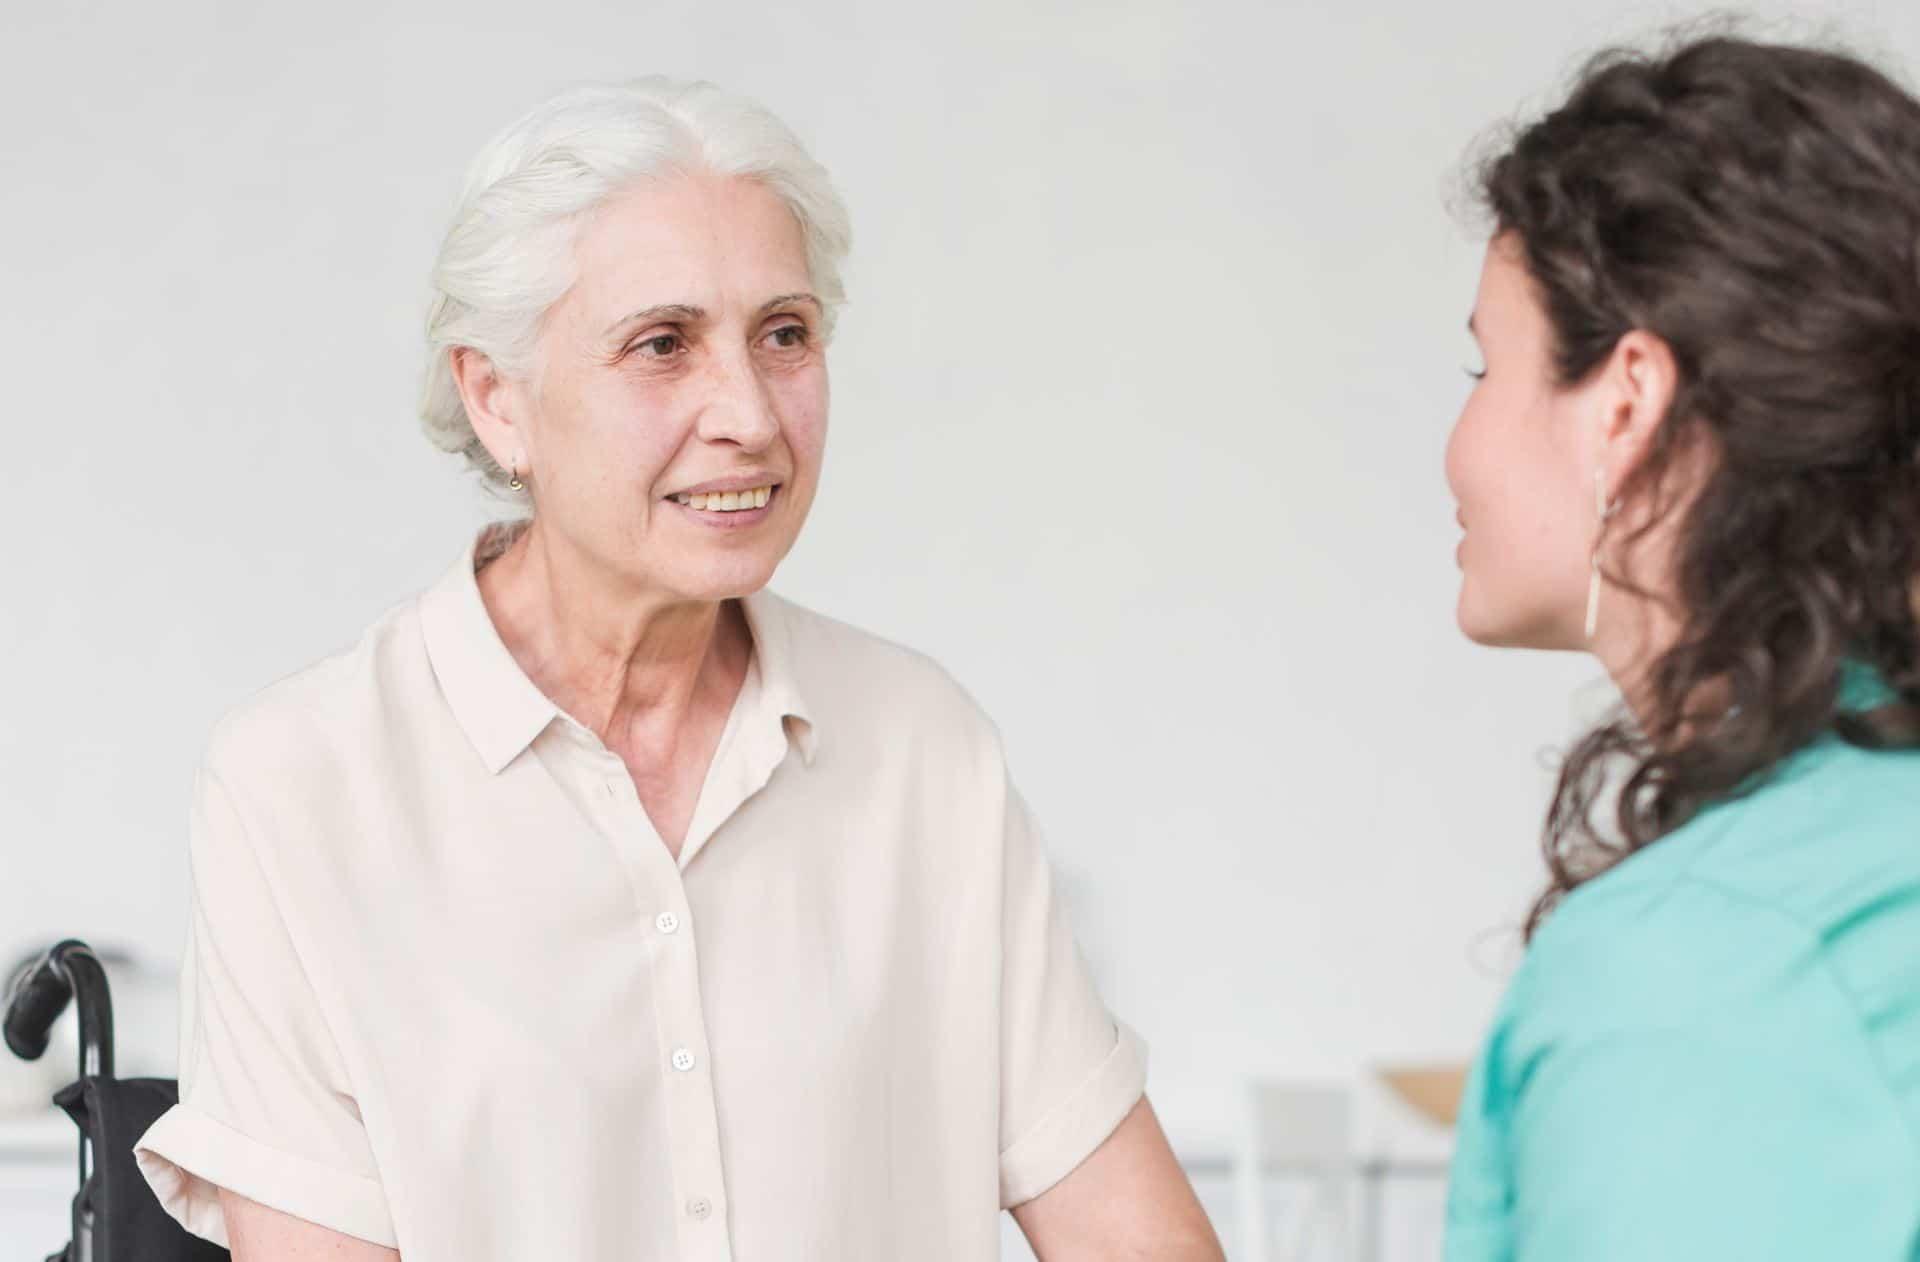 שיקום דיבור לאחר אירוע מוחי - Restart Therapy מומחים בשיקום פרטי בבית הלקוח